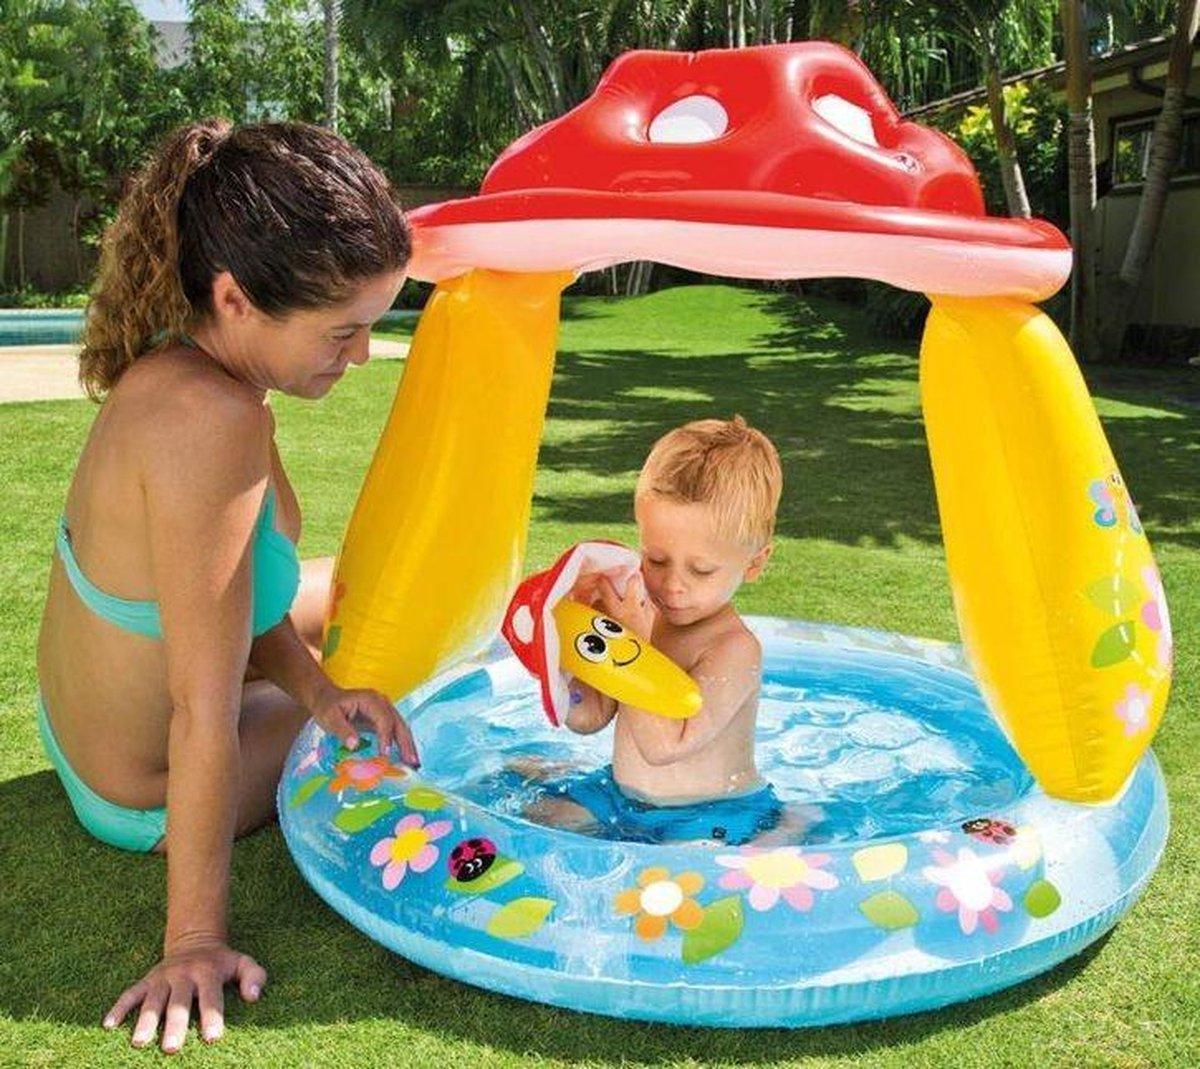 Intex baby zwembad met comfortabele bodem en zonwering - 1 t/m 3 jaar - 102 x 89 cm - babybadje